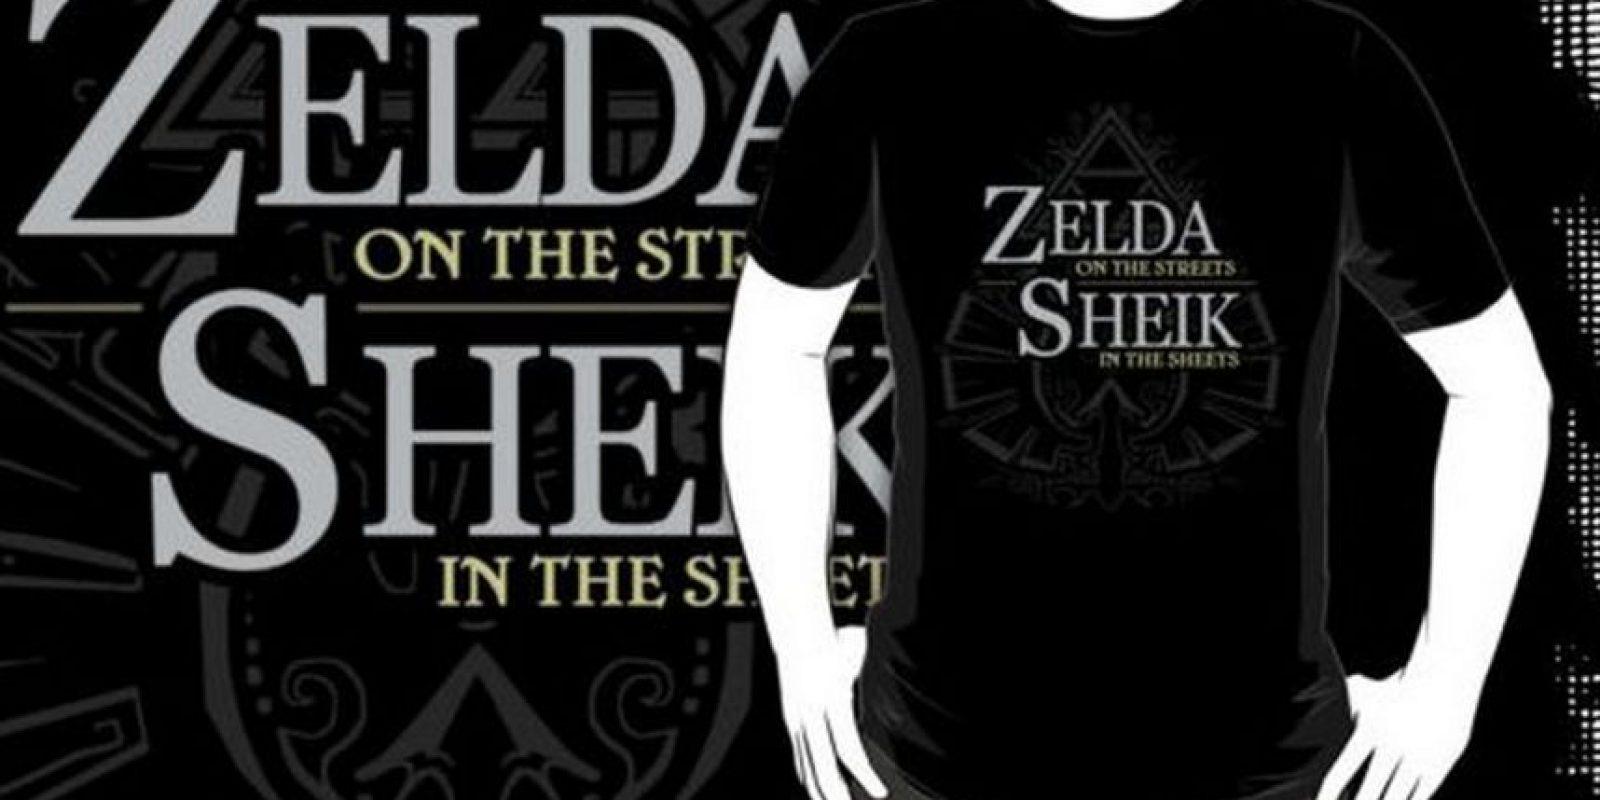 """""""Zelda en las calles, Sheik en las fichas"""". Un chiste local muy malo del videojuego """"The Legend of Zelda"""" Foto:Vía """"gameinformer.com"""""""